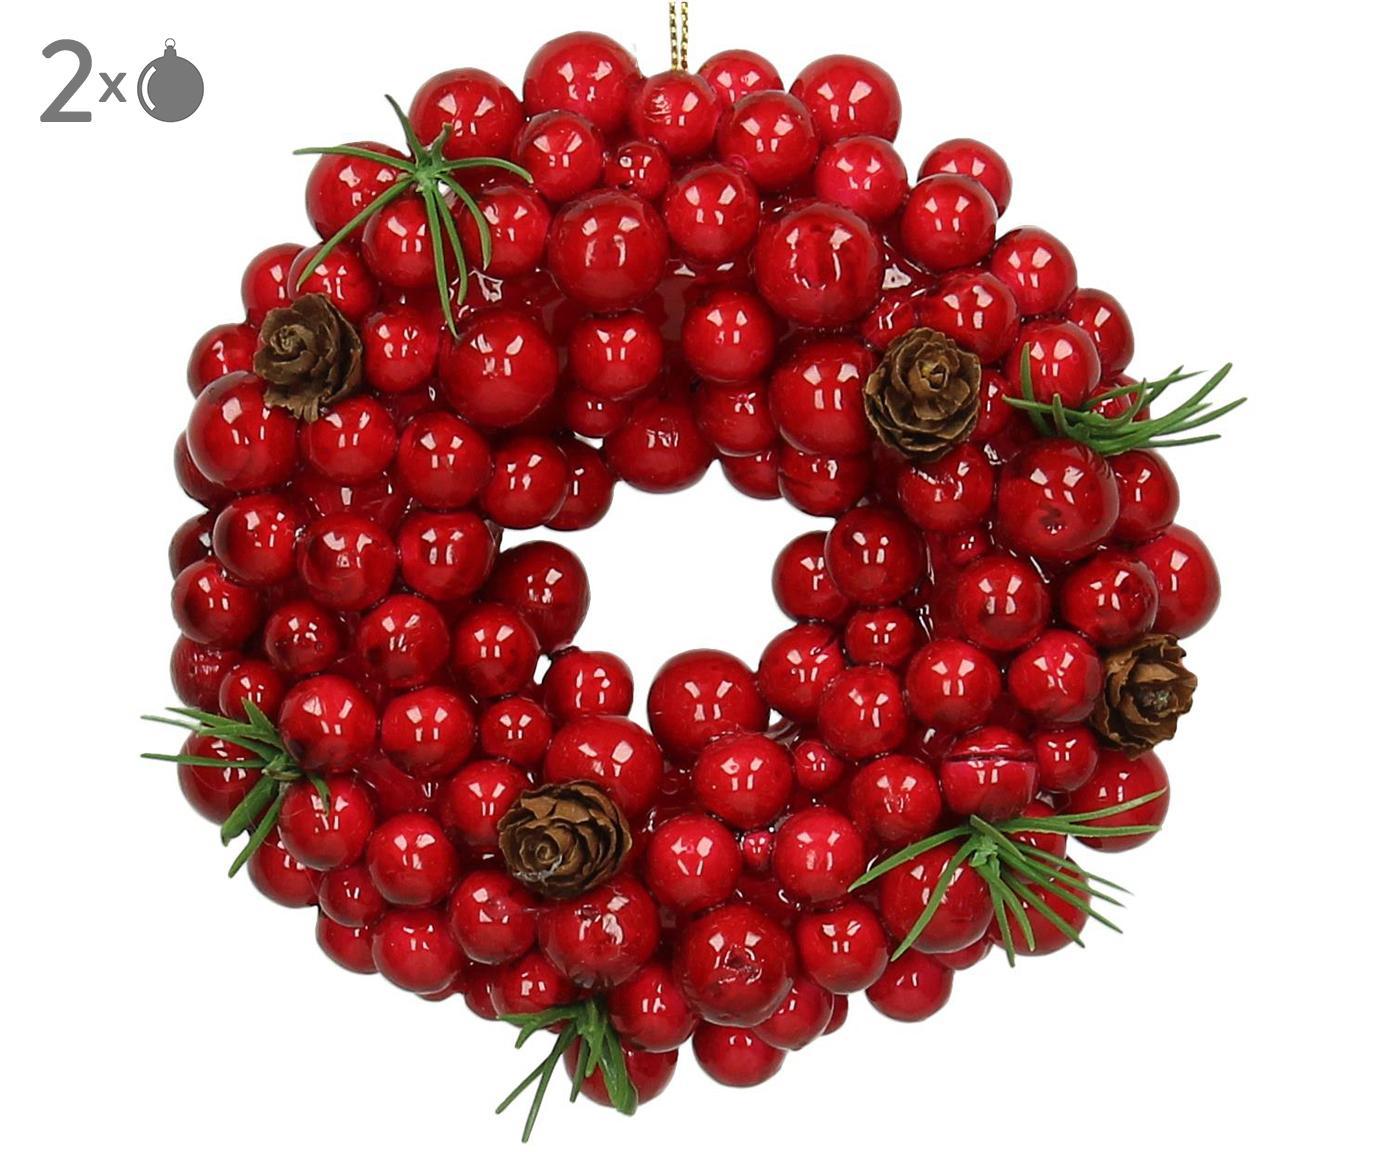 Baumanhänger Wreath, 2 Stück, Rot, Grün, Braun, Ø 11 cm